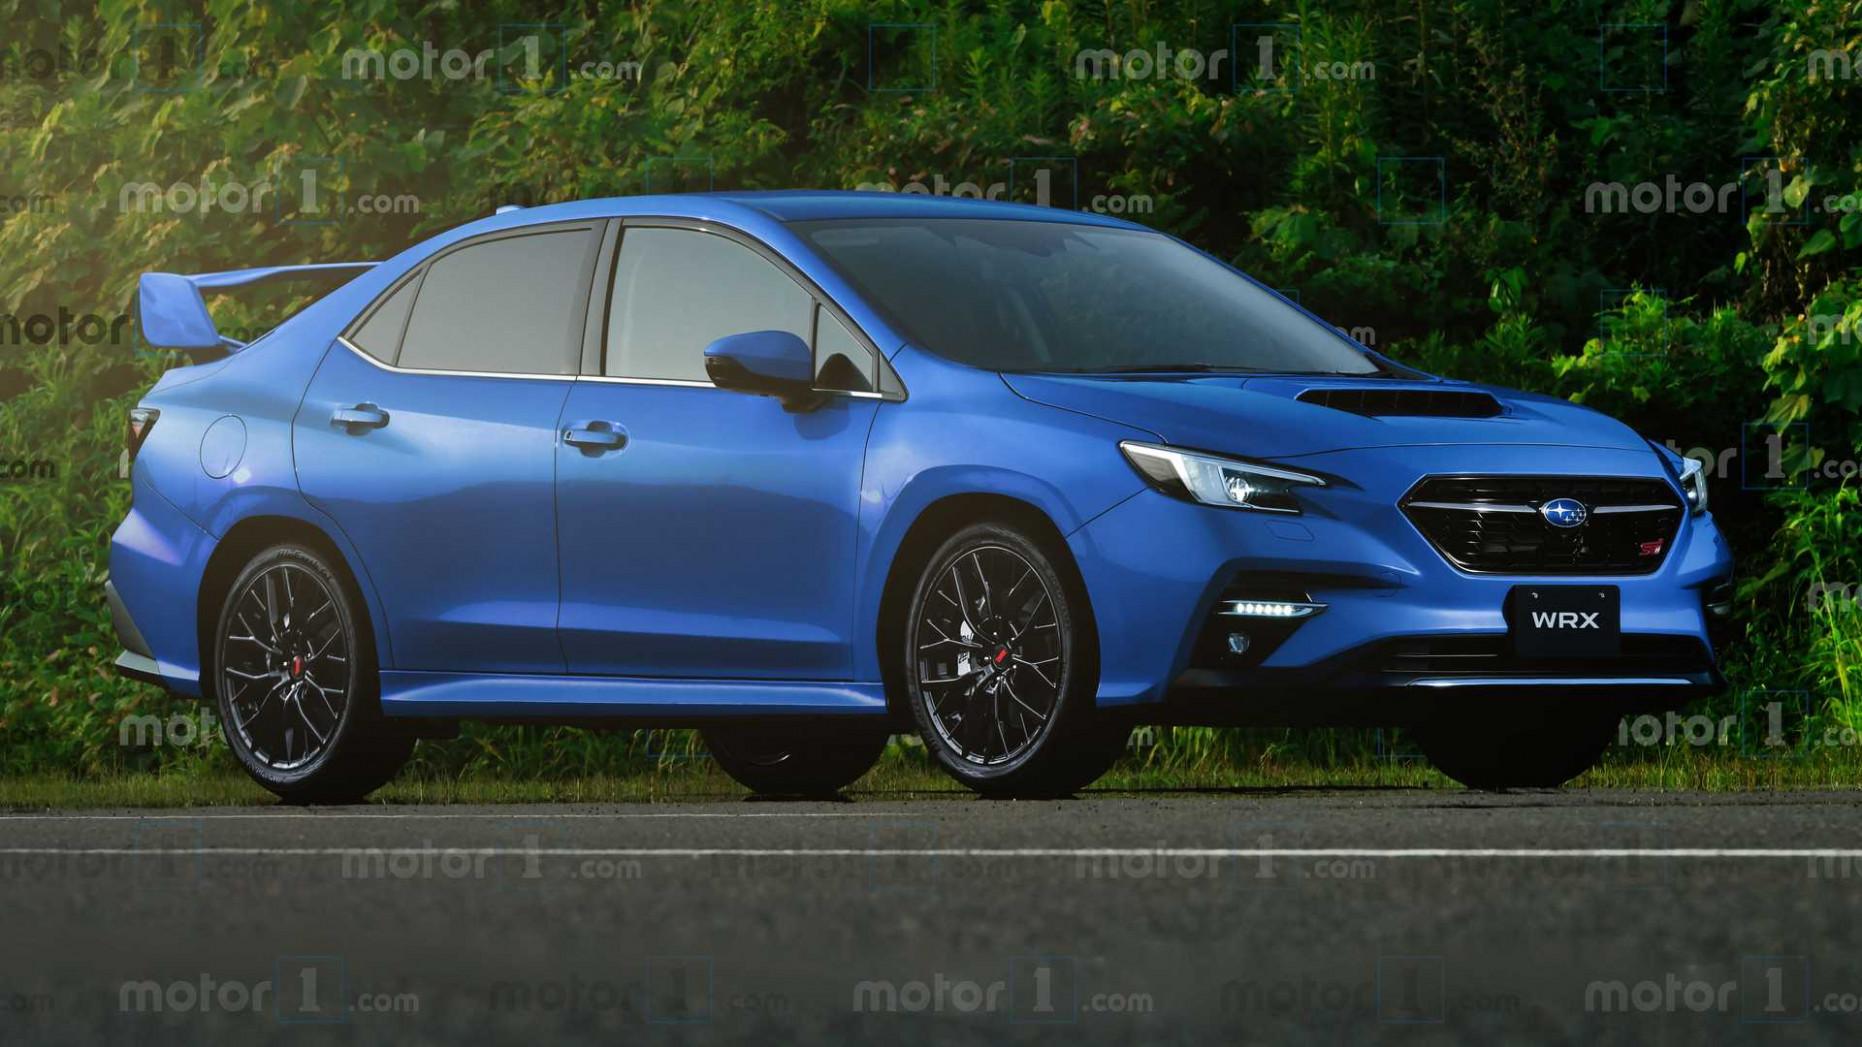 Redesign 2022 Subaru Sti Release Date